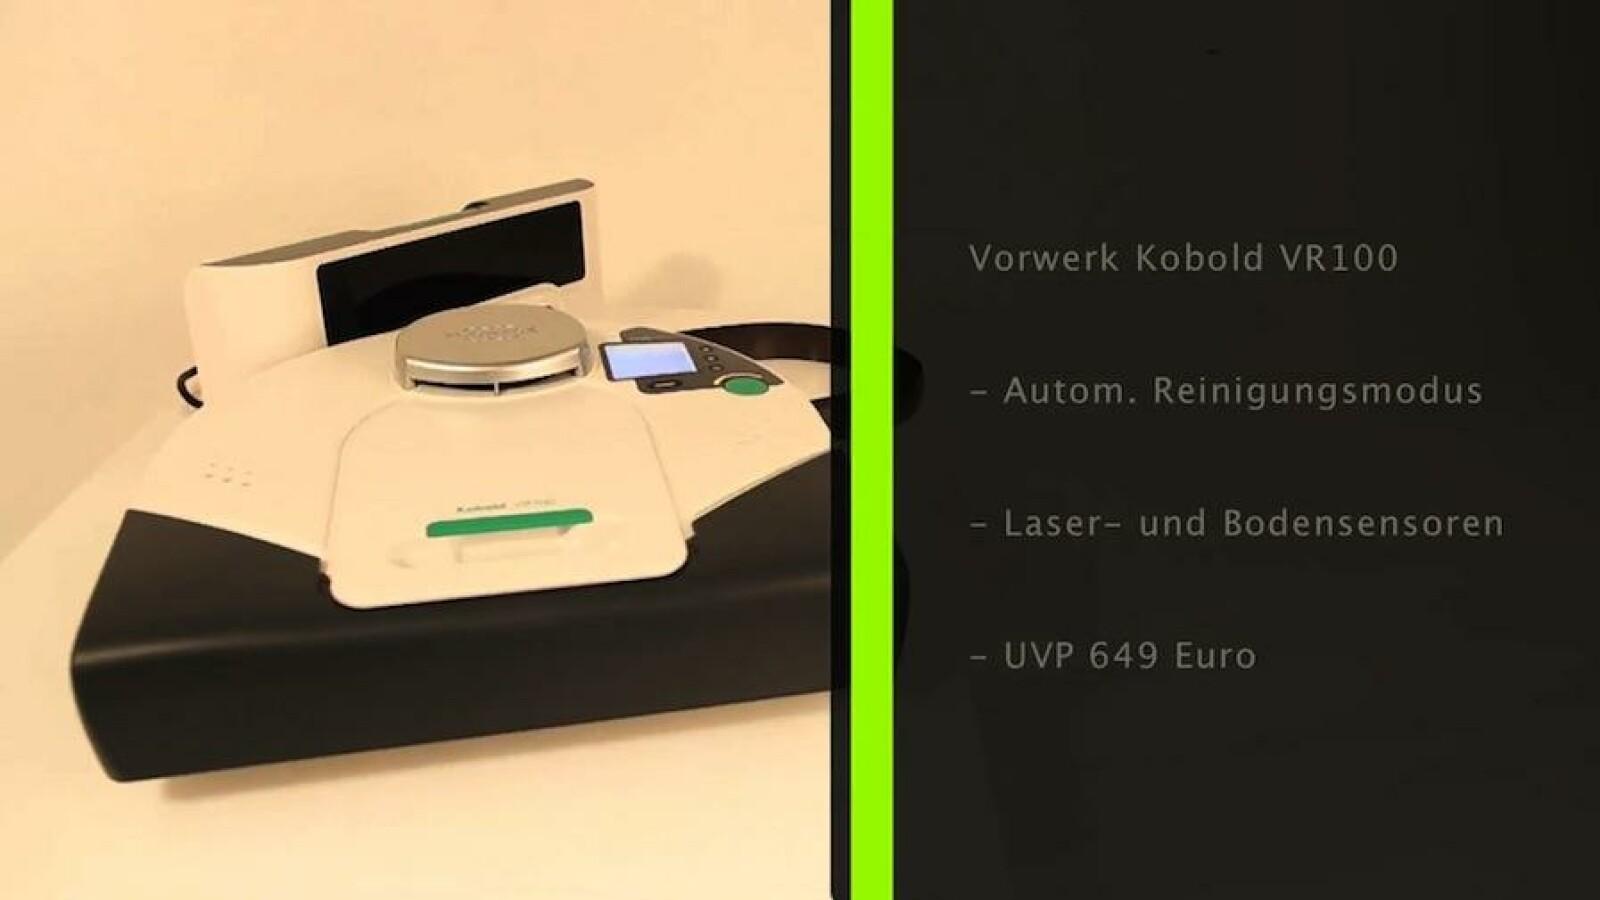 vorwerk kobold vr100 staubsauger roboter mit laser vermessung im test netzwelt. Black Bedroom Furniture Sets. Home Design Ideas